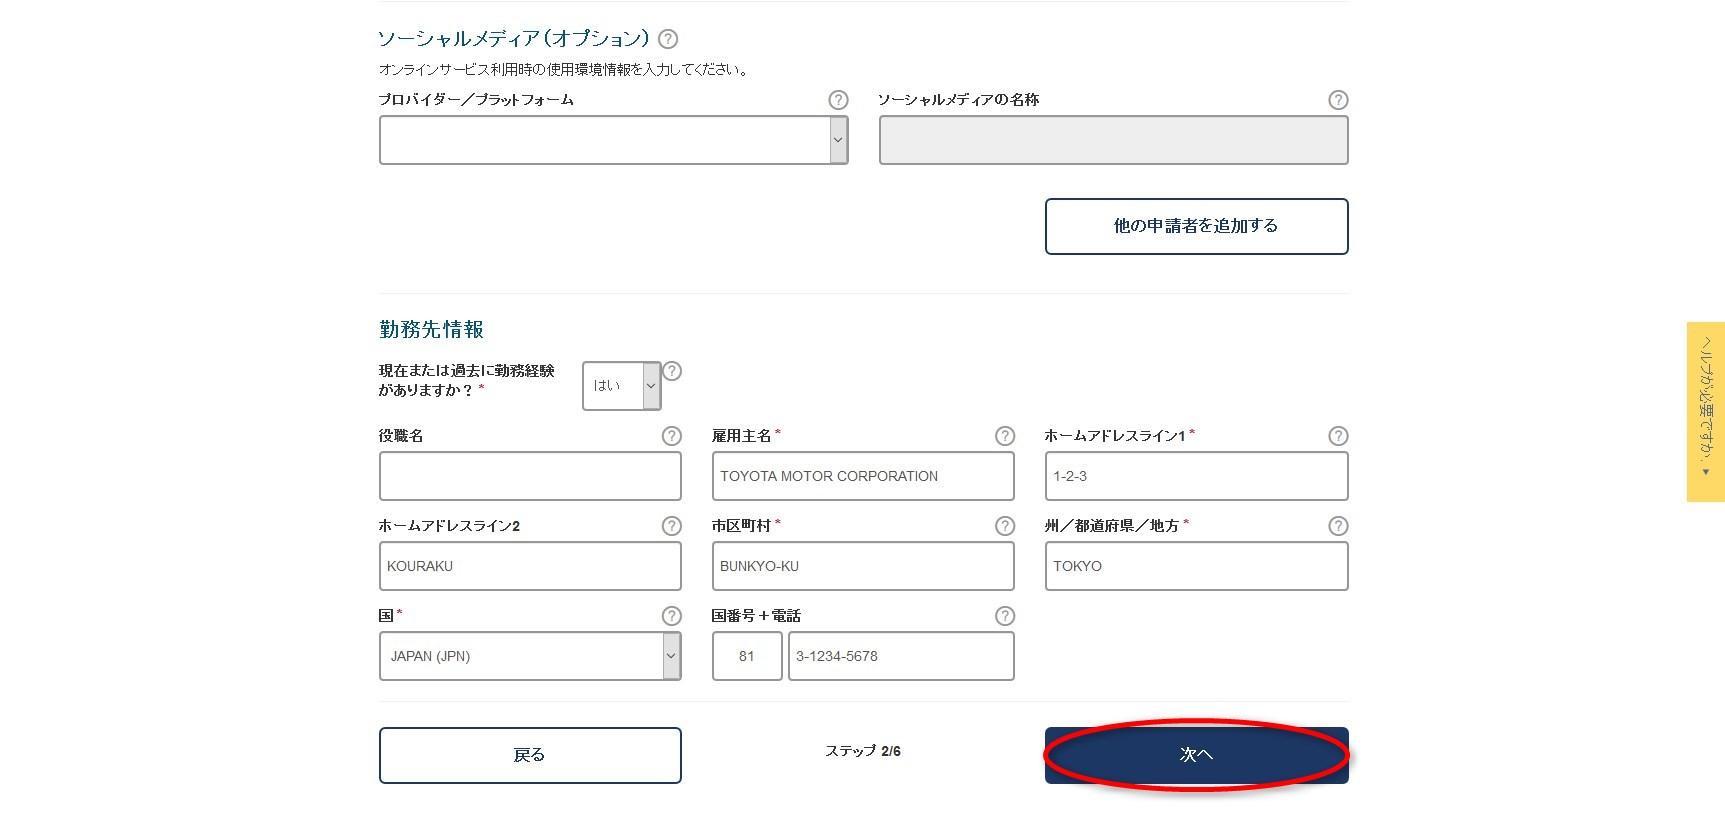 申請者の情報入力例06_勤務先情報